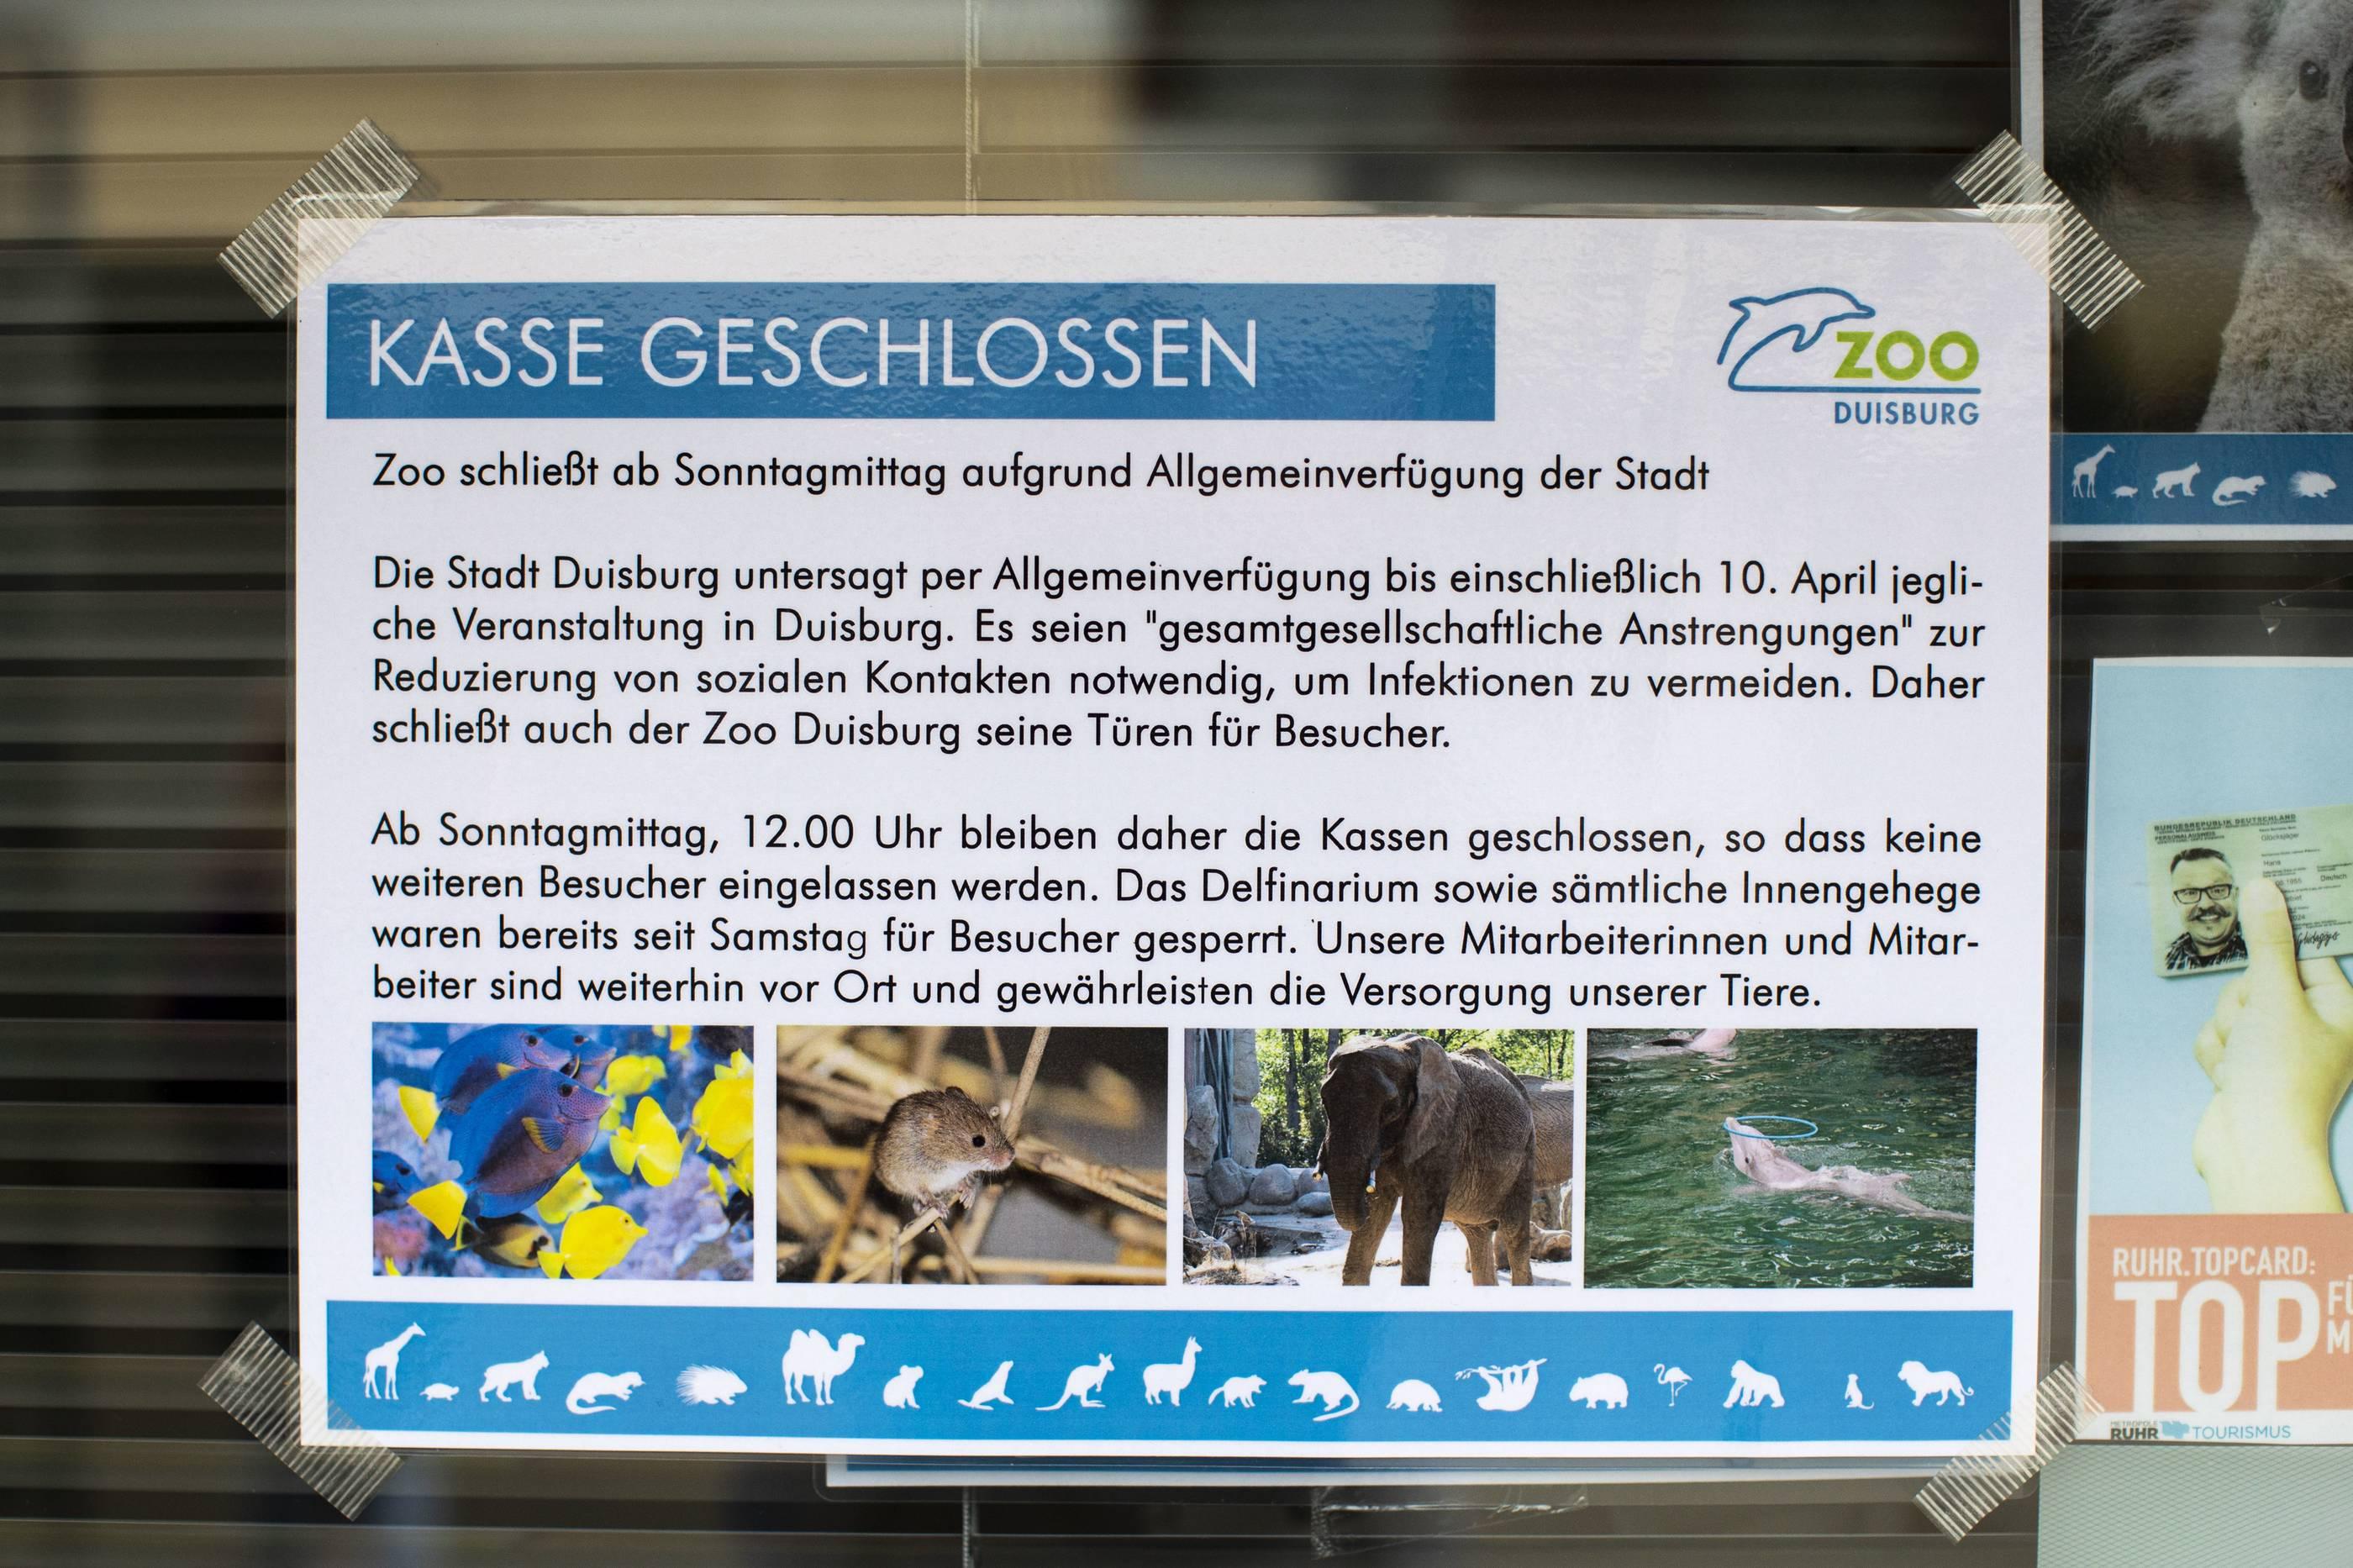 Strassenstrich duisburg zoo